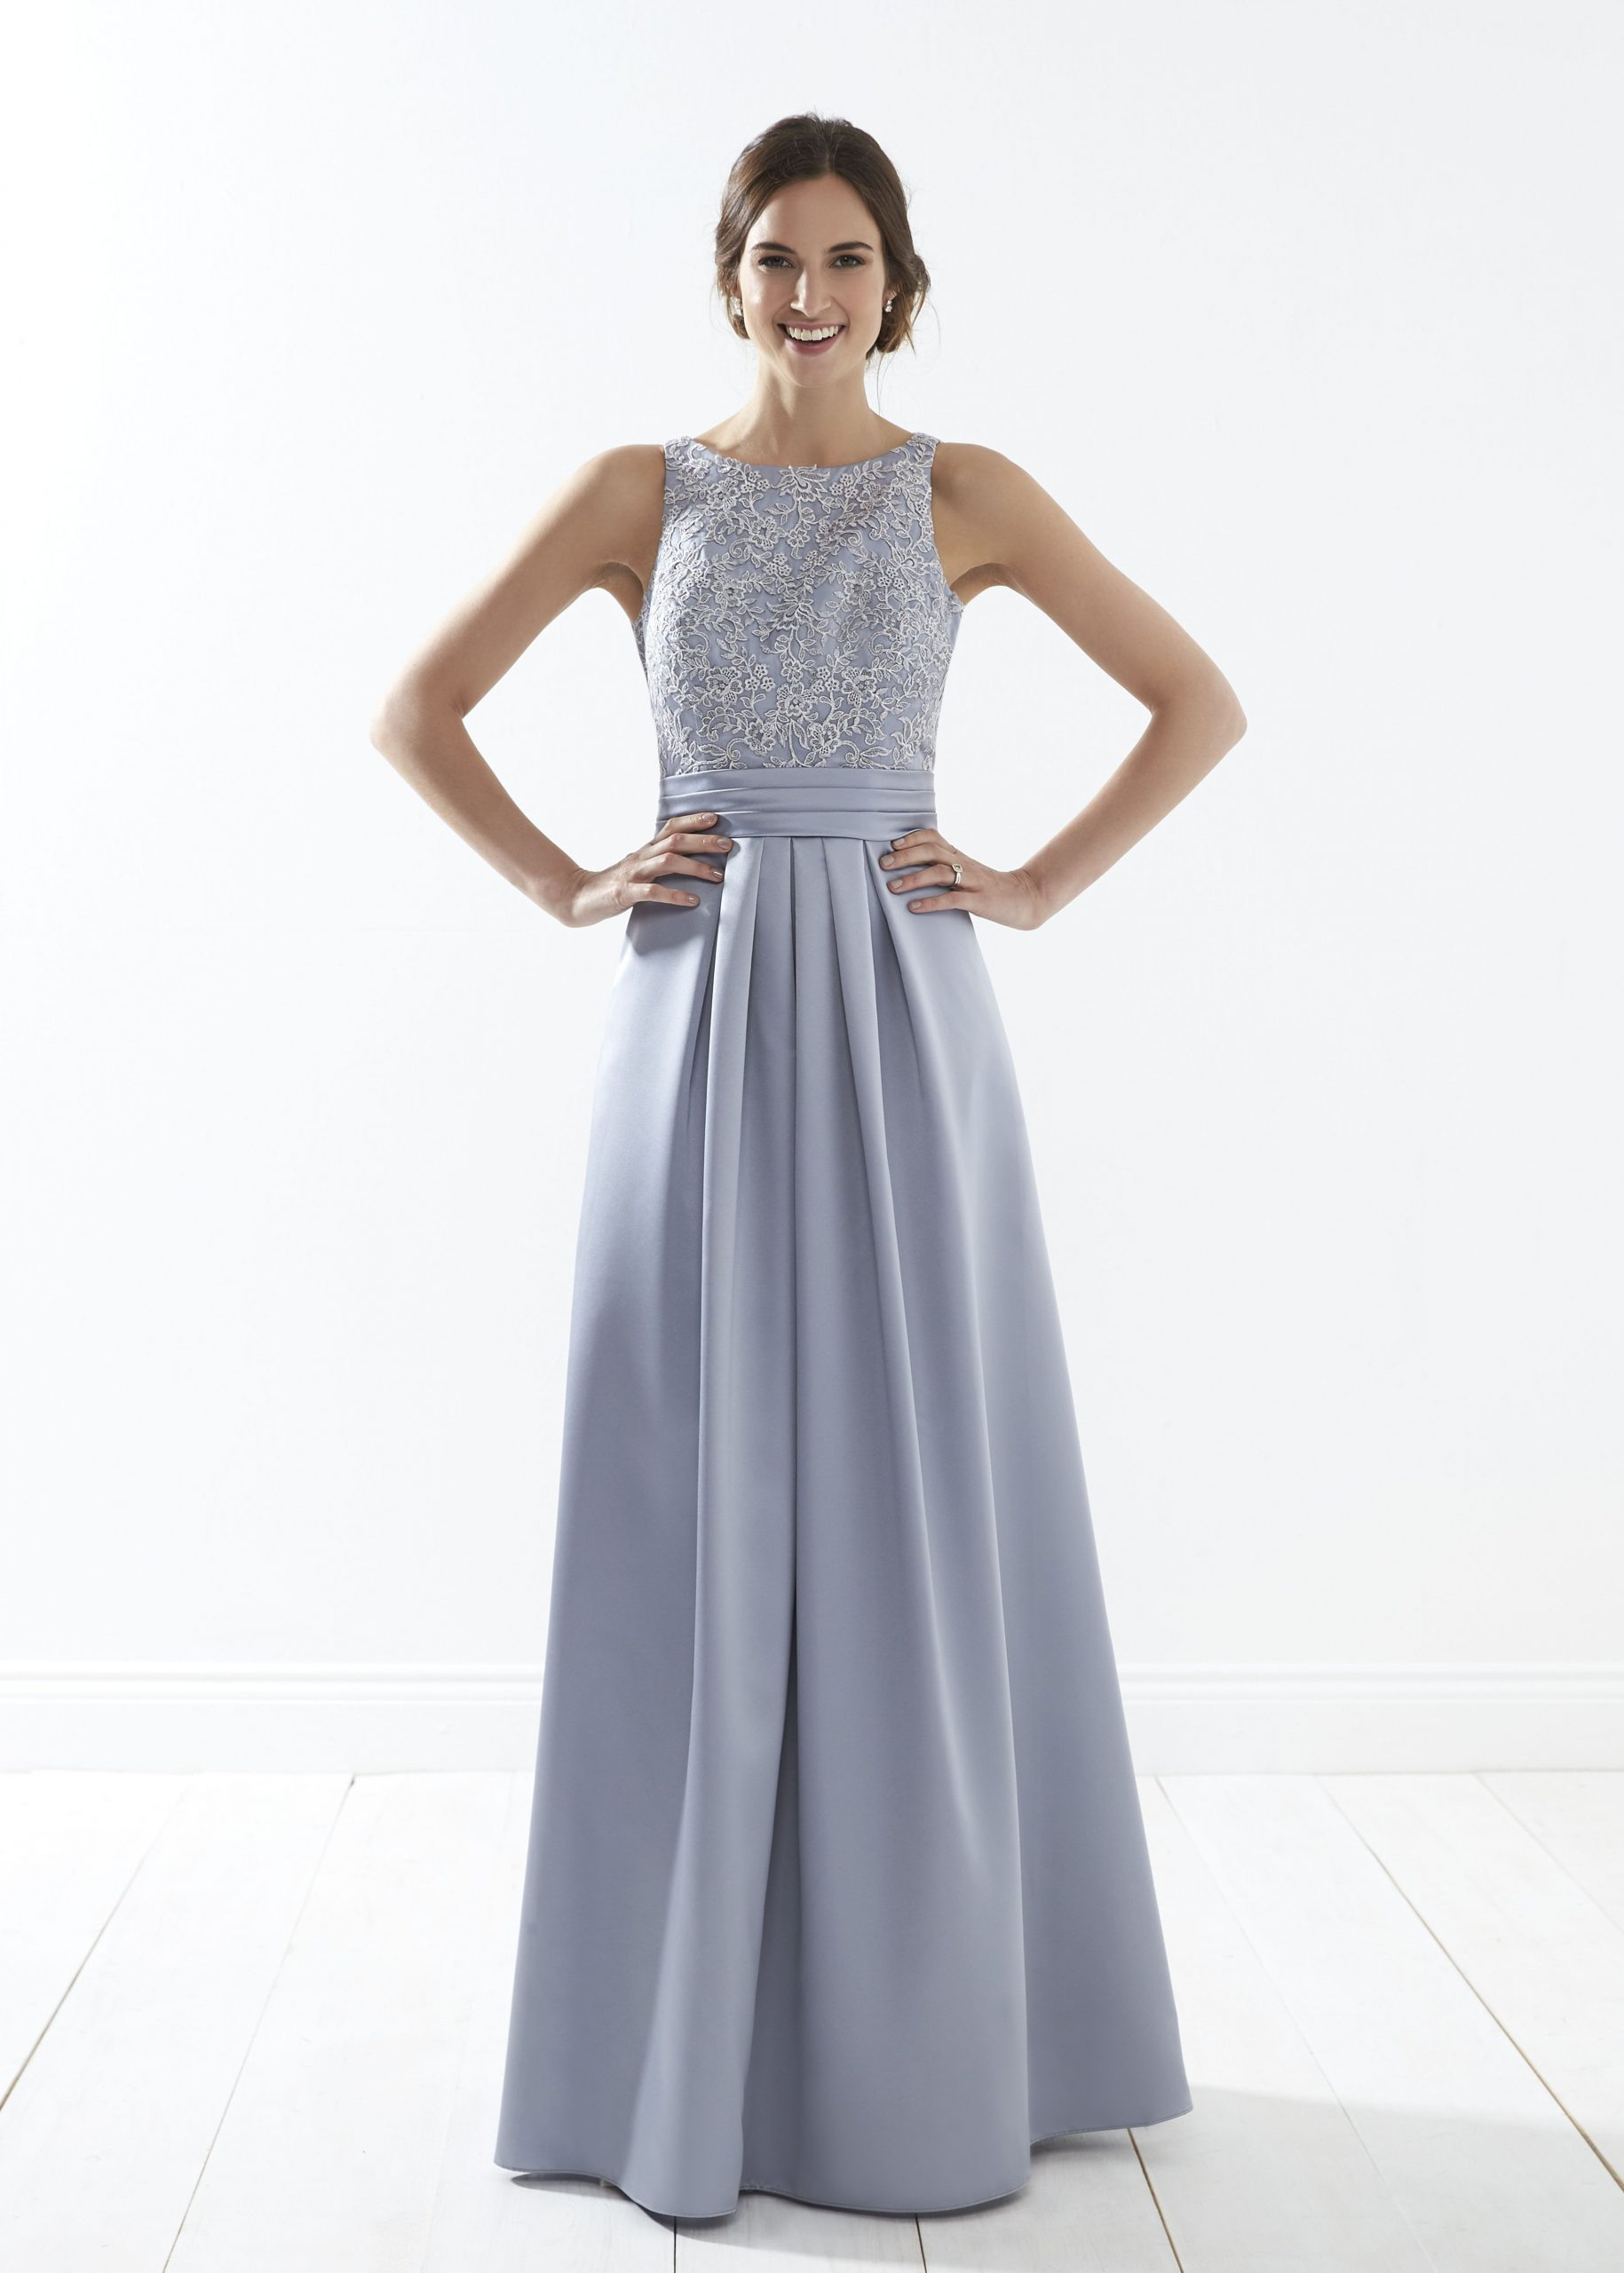 Luxus Abendkleider Norderstedt VertriebDesigner Genial Abendkleider Norderstedt Spezialgebiet